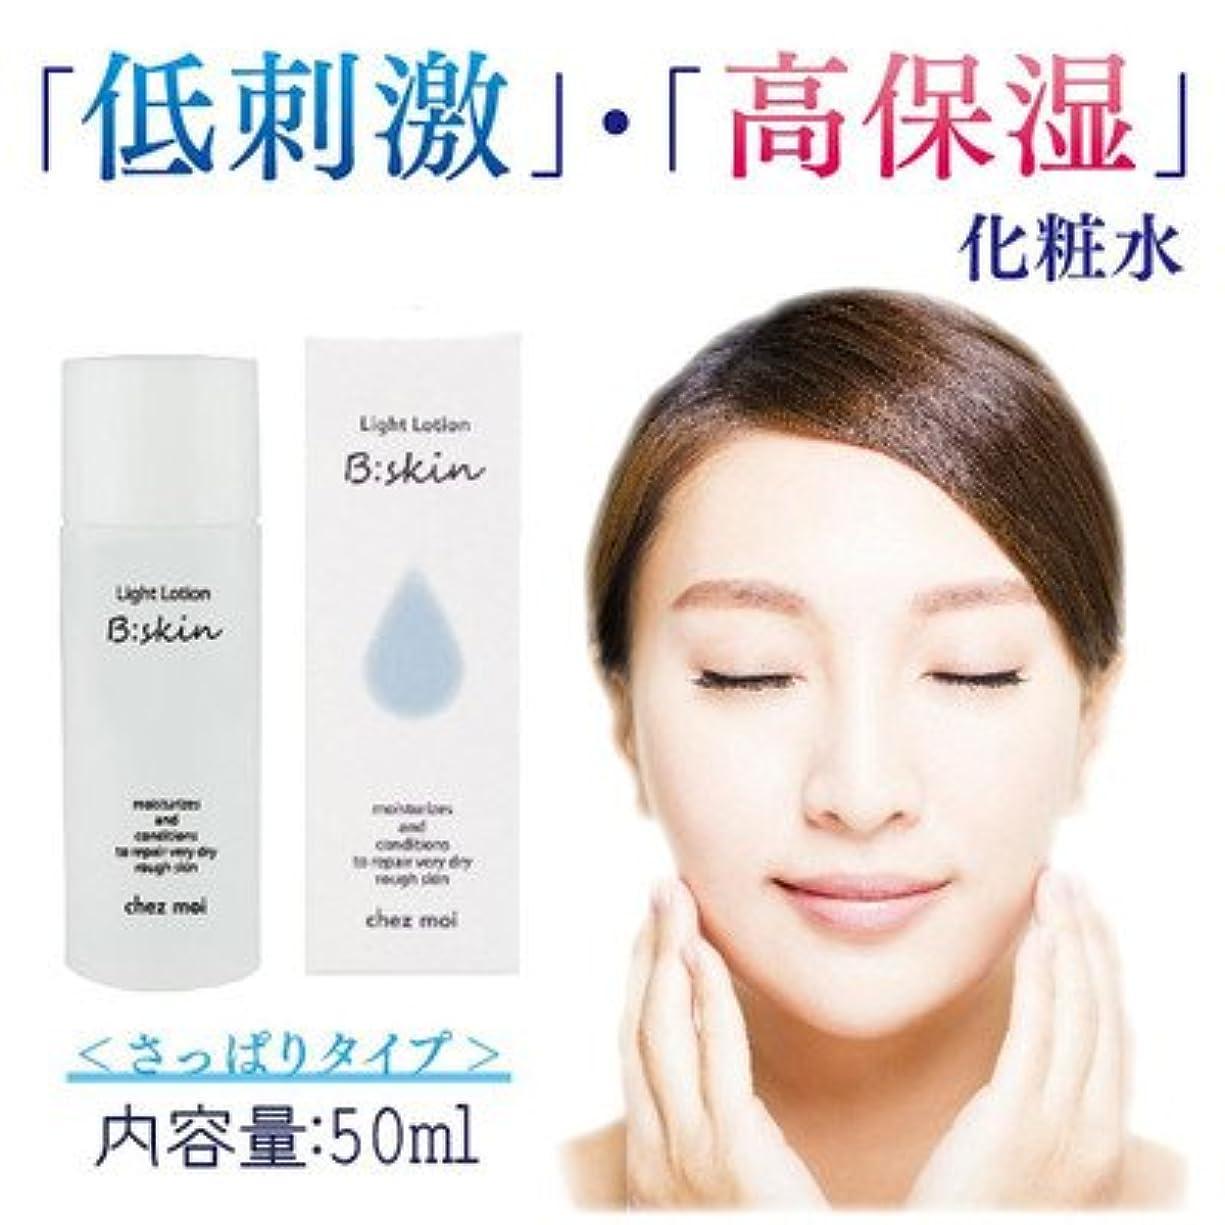 本土パンダ偶然低刺激 高保湿 さっぱりタイプの化粧水 B:skin ビースキン Light Lotion ライトローション さっぱりタイプ 化粧水 50mL